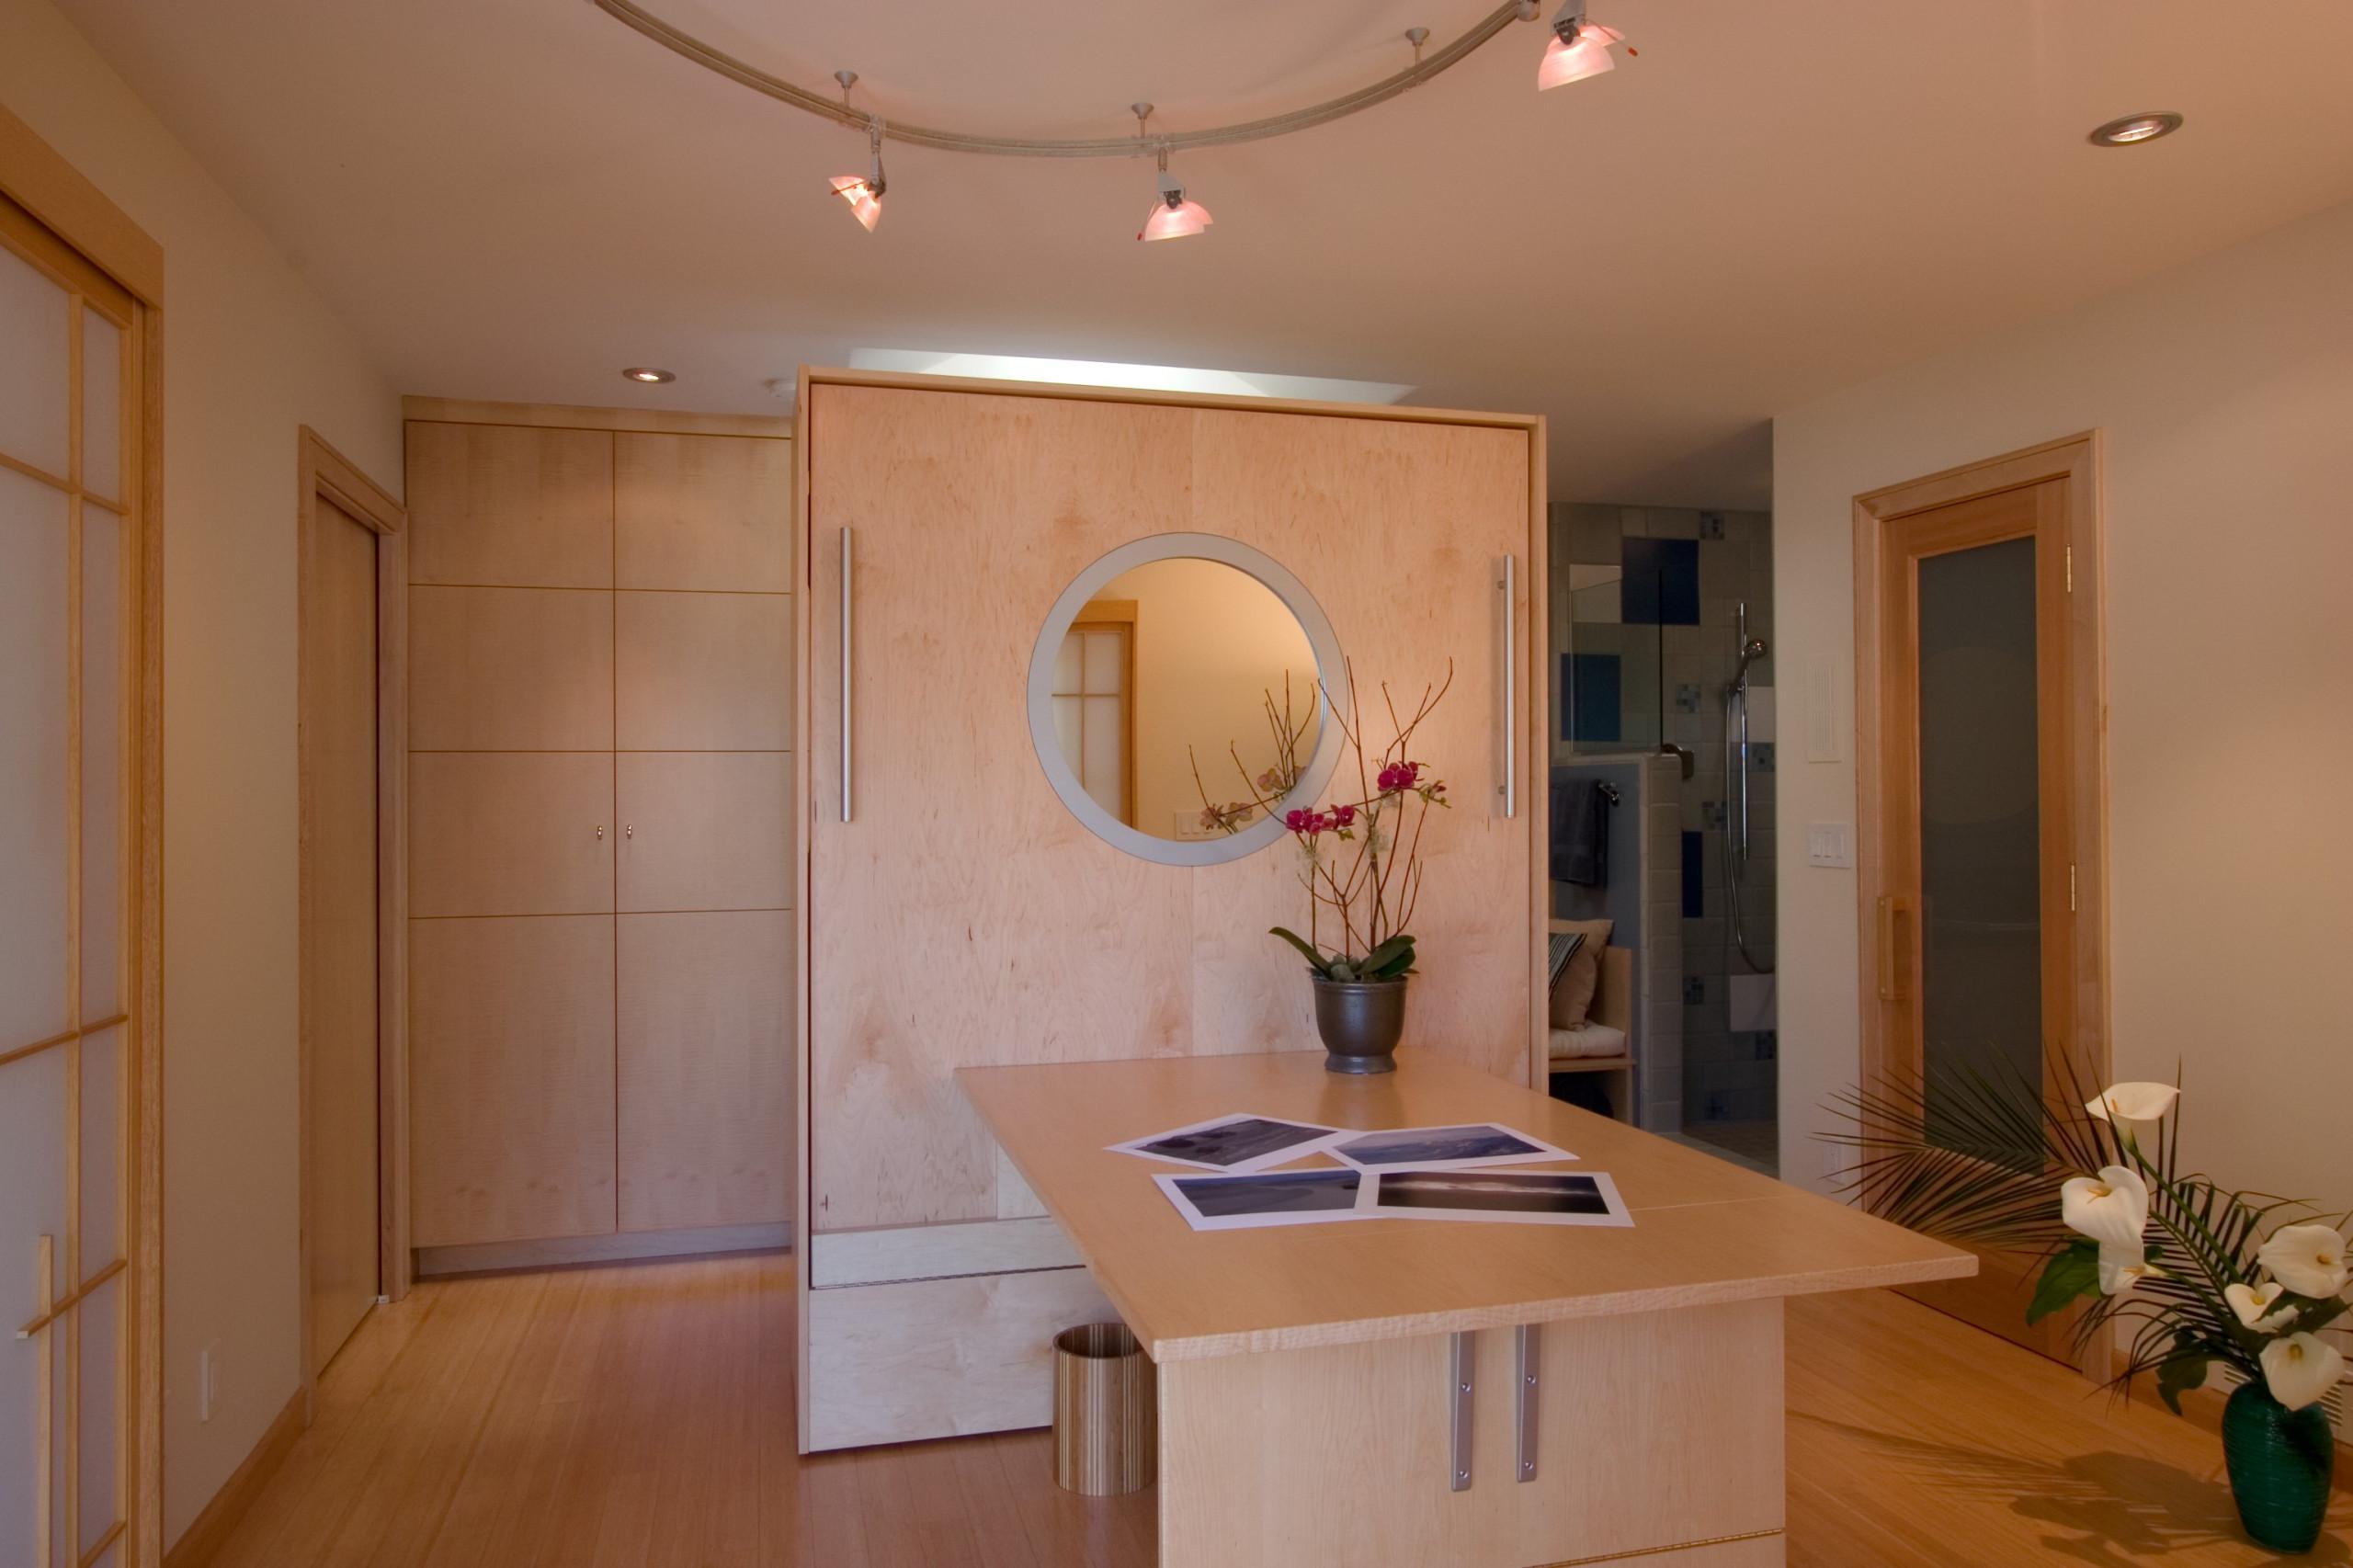 Pan Pacific Guest House in Los Altos